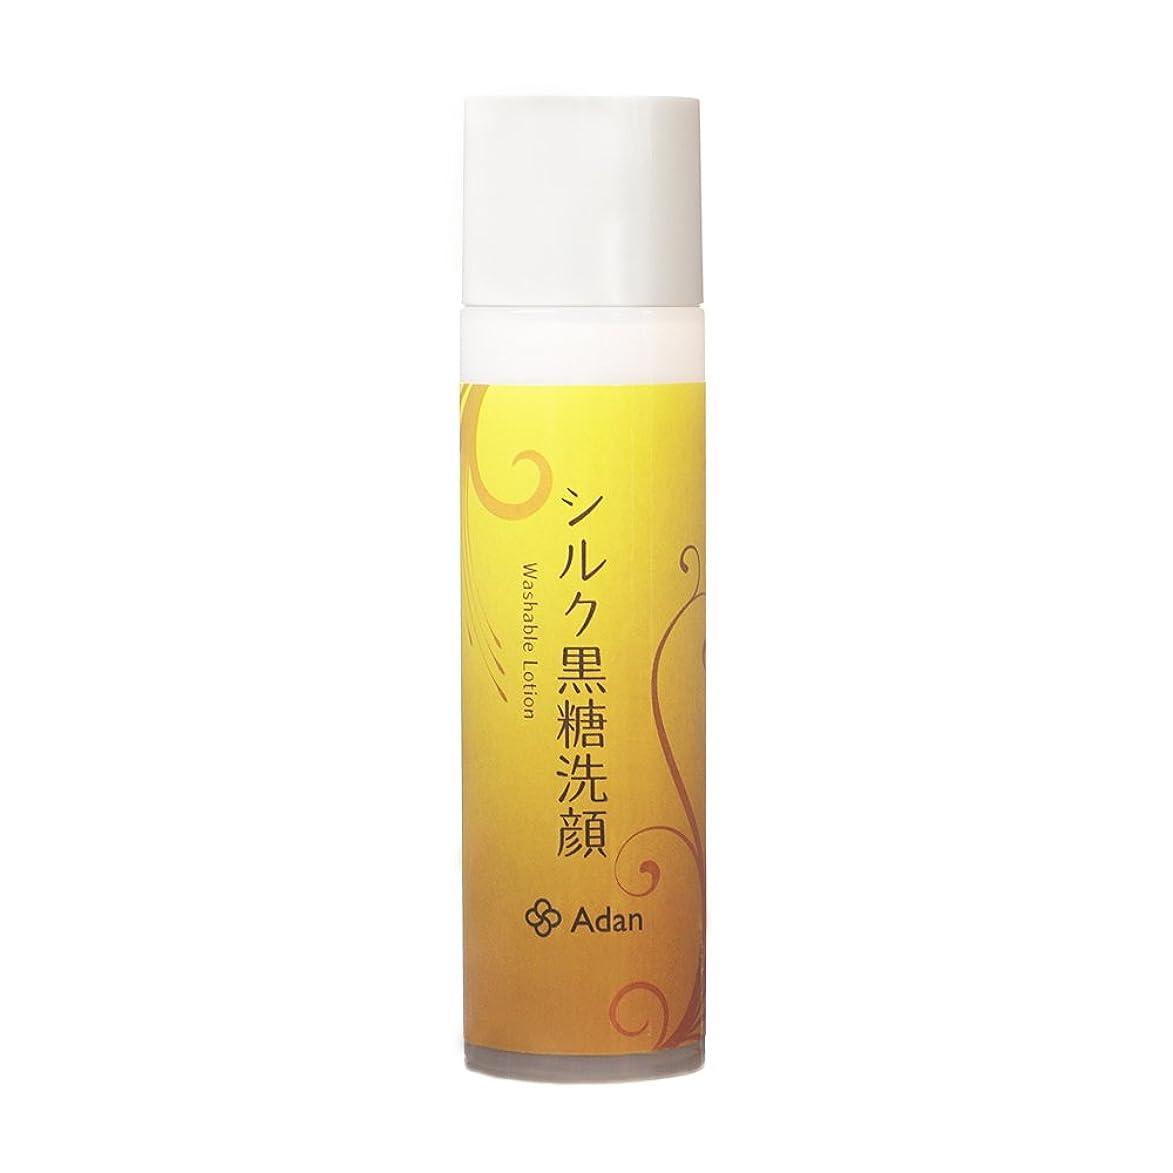 魅力送料コーナーAdan(アーダン) シルク黒糖洗顔(ウォッシャブルローション) 120ml